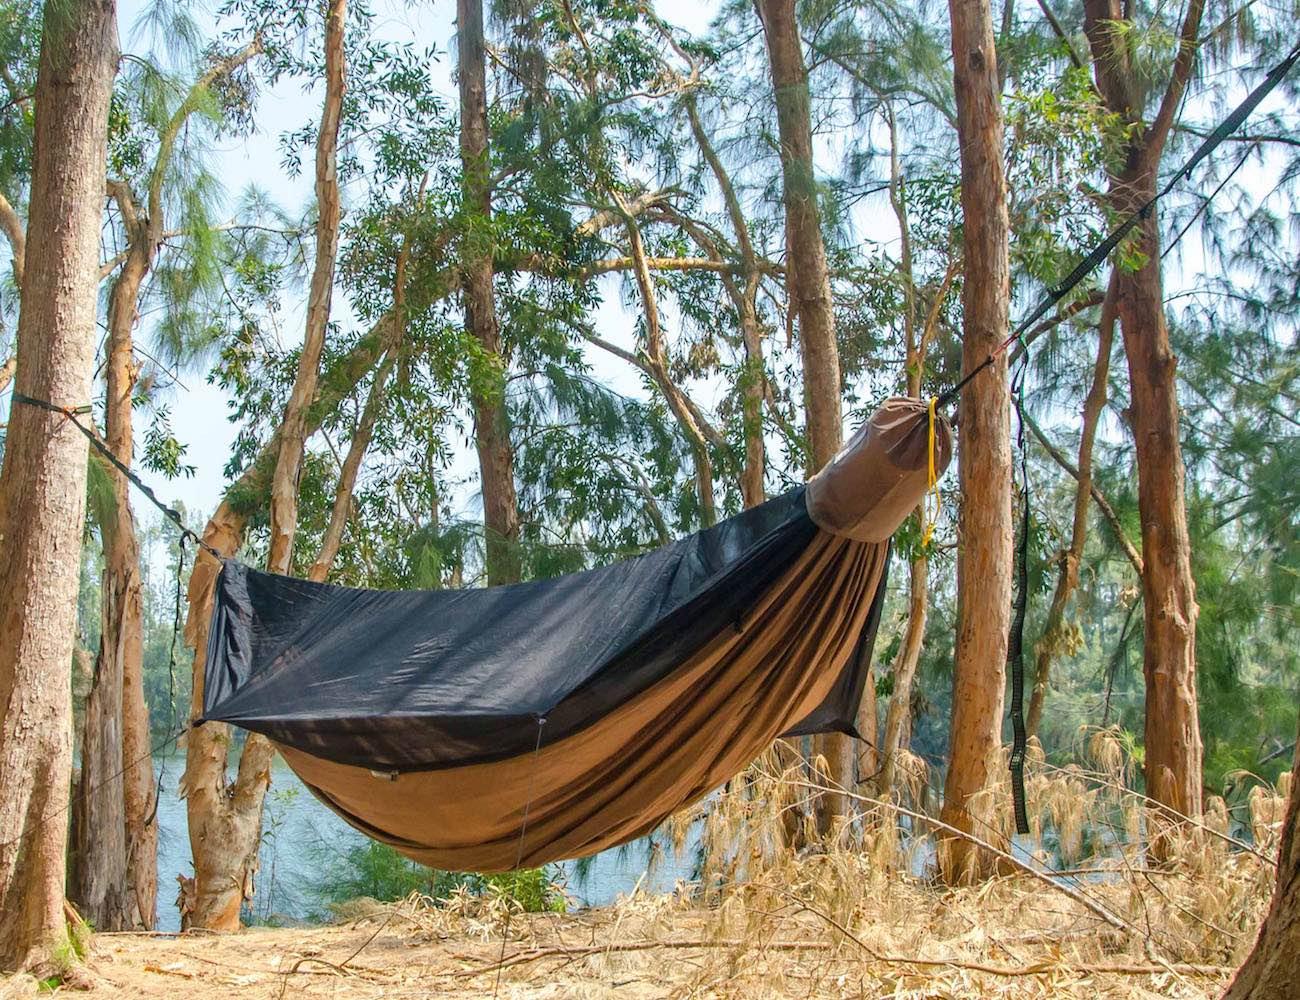 Go Camping Hammock 2.0